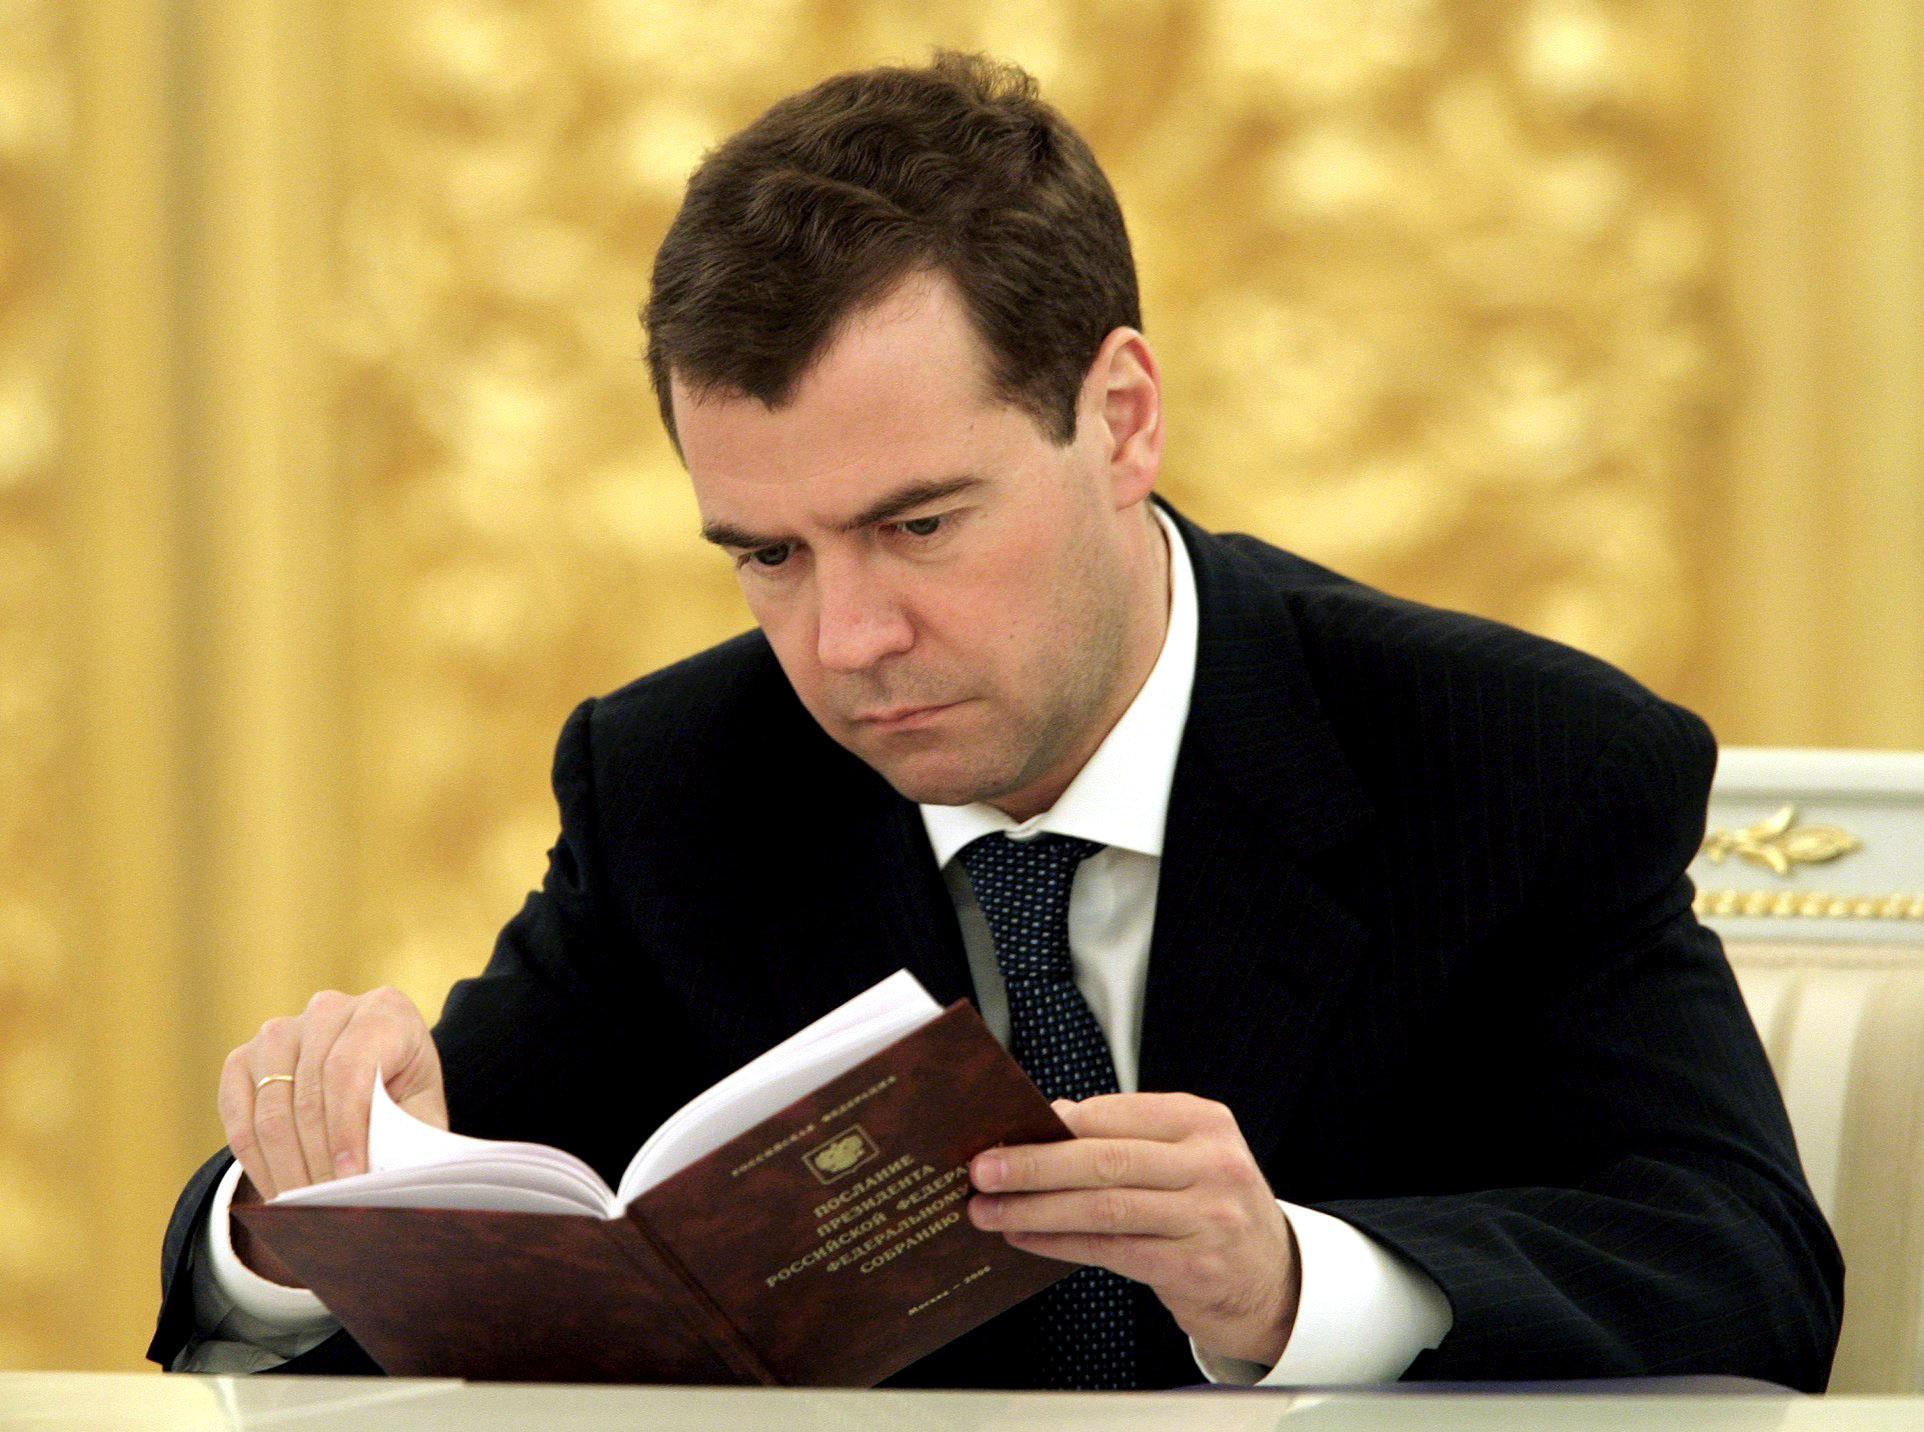 Что читает Дмитрий Медведев?